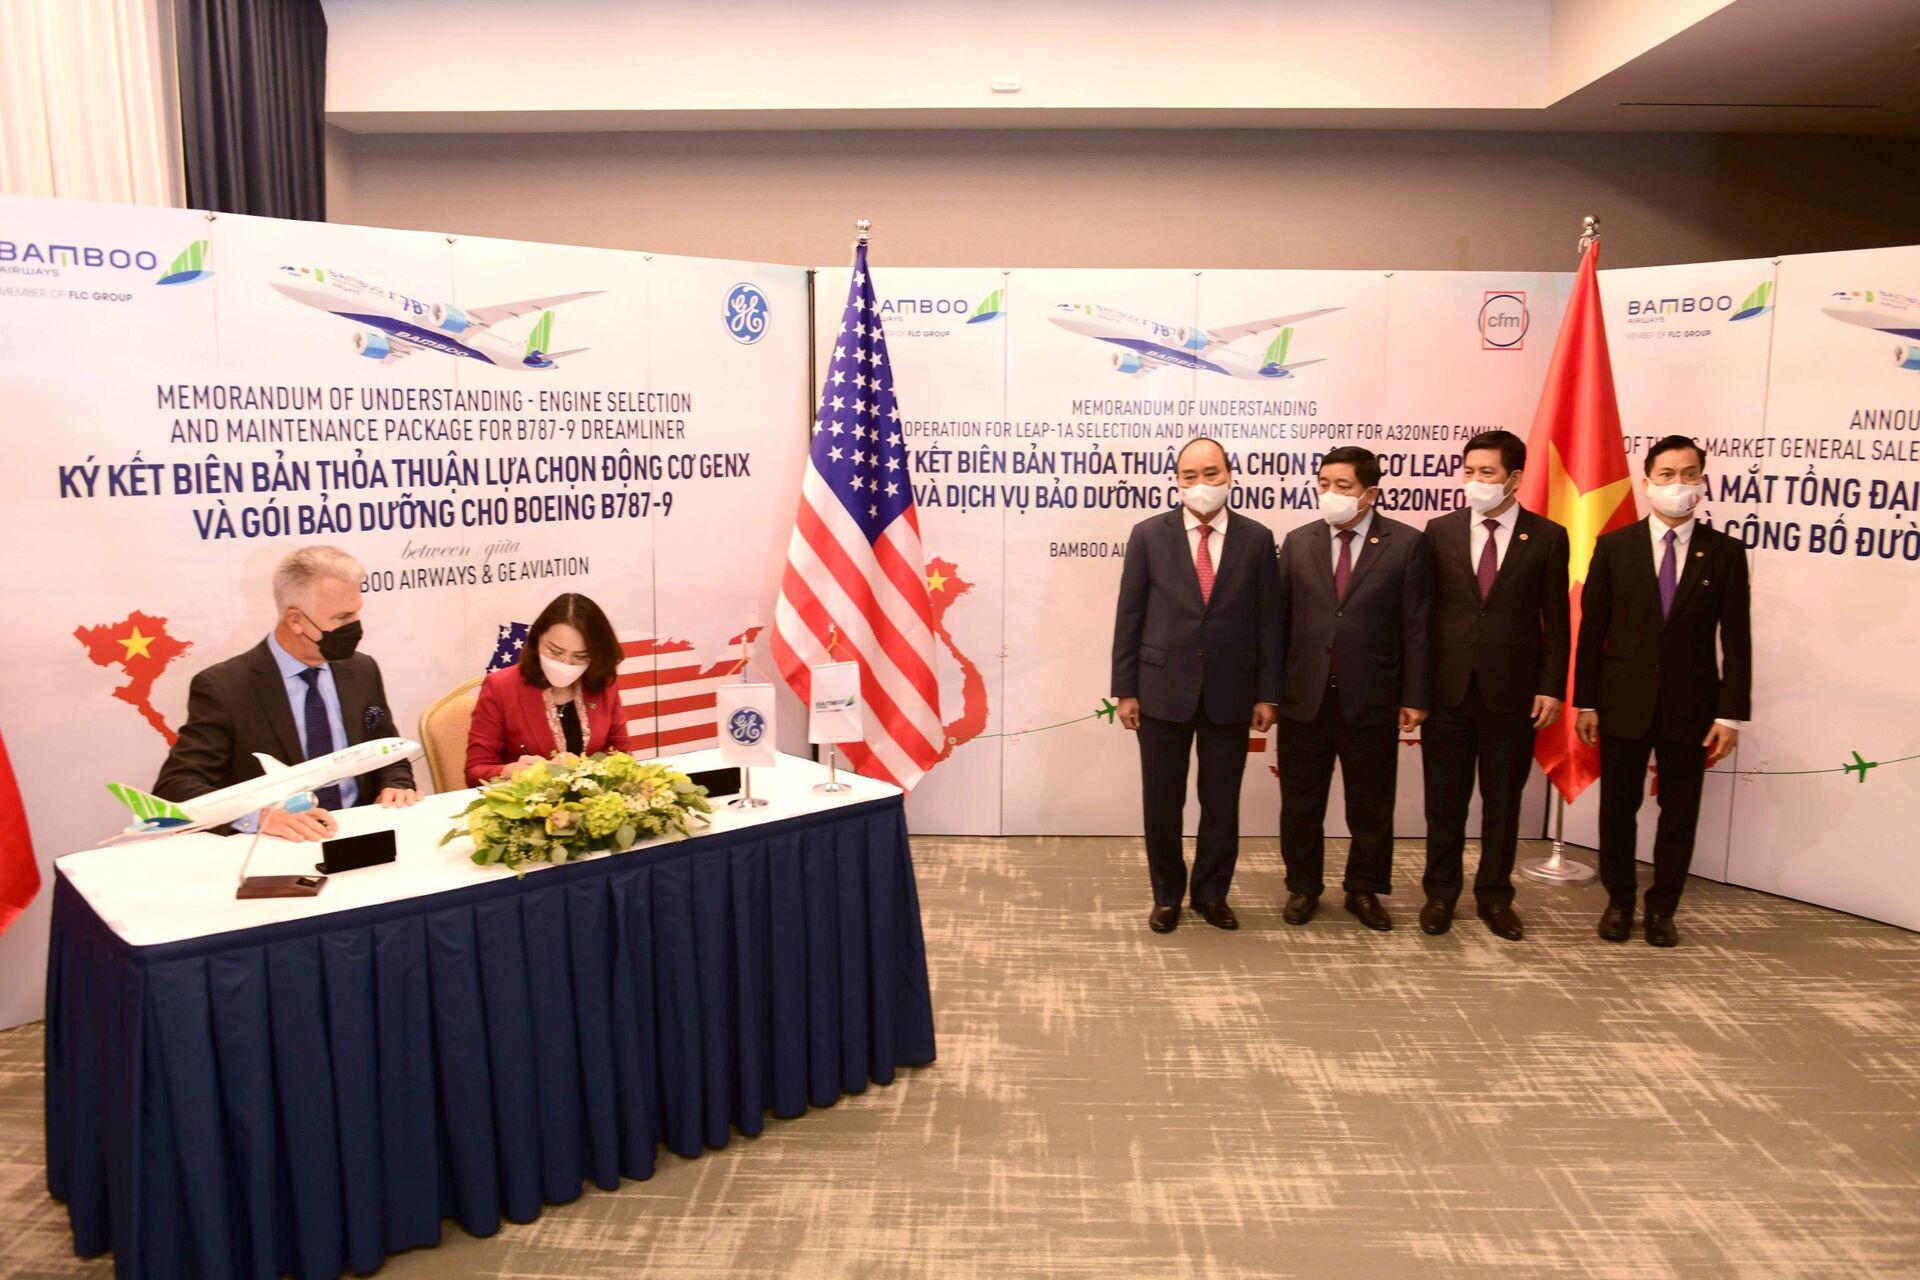 Chủ tịch nước Nguyễn Xuân Phúc chứng kiến Lễ ký văn kiện hợp tác giữa Bamboo Airways và các đối tác GE, CFM International, AviaWorld LCC. - Sputnik Việt Nam, 1920, 05.10.2021